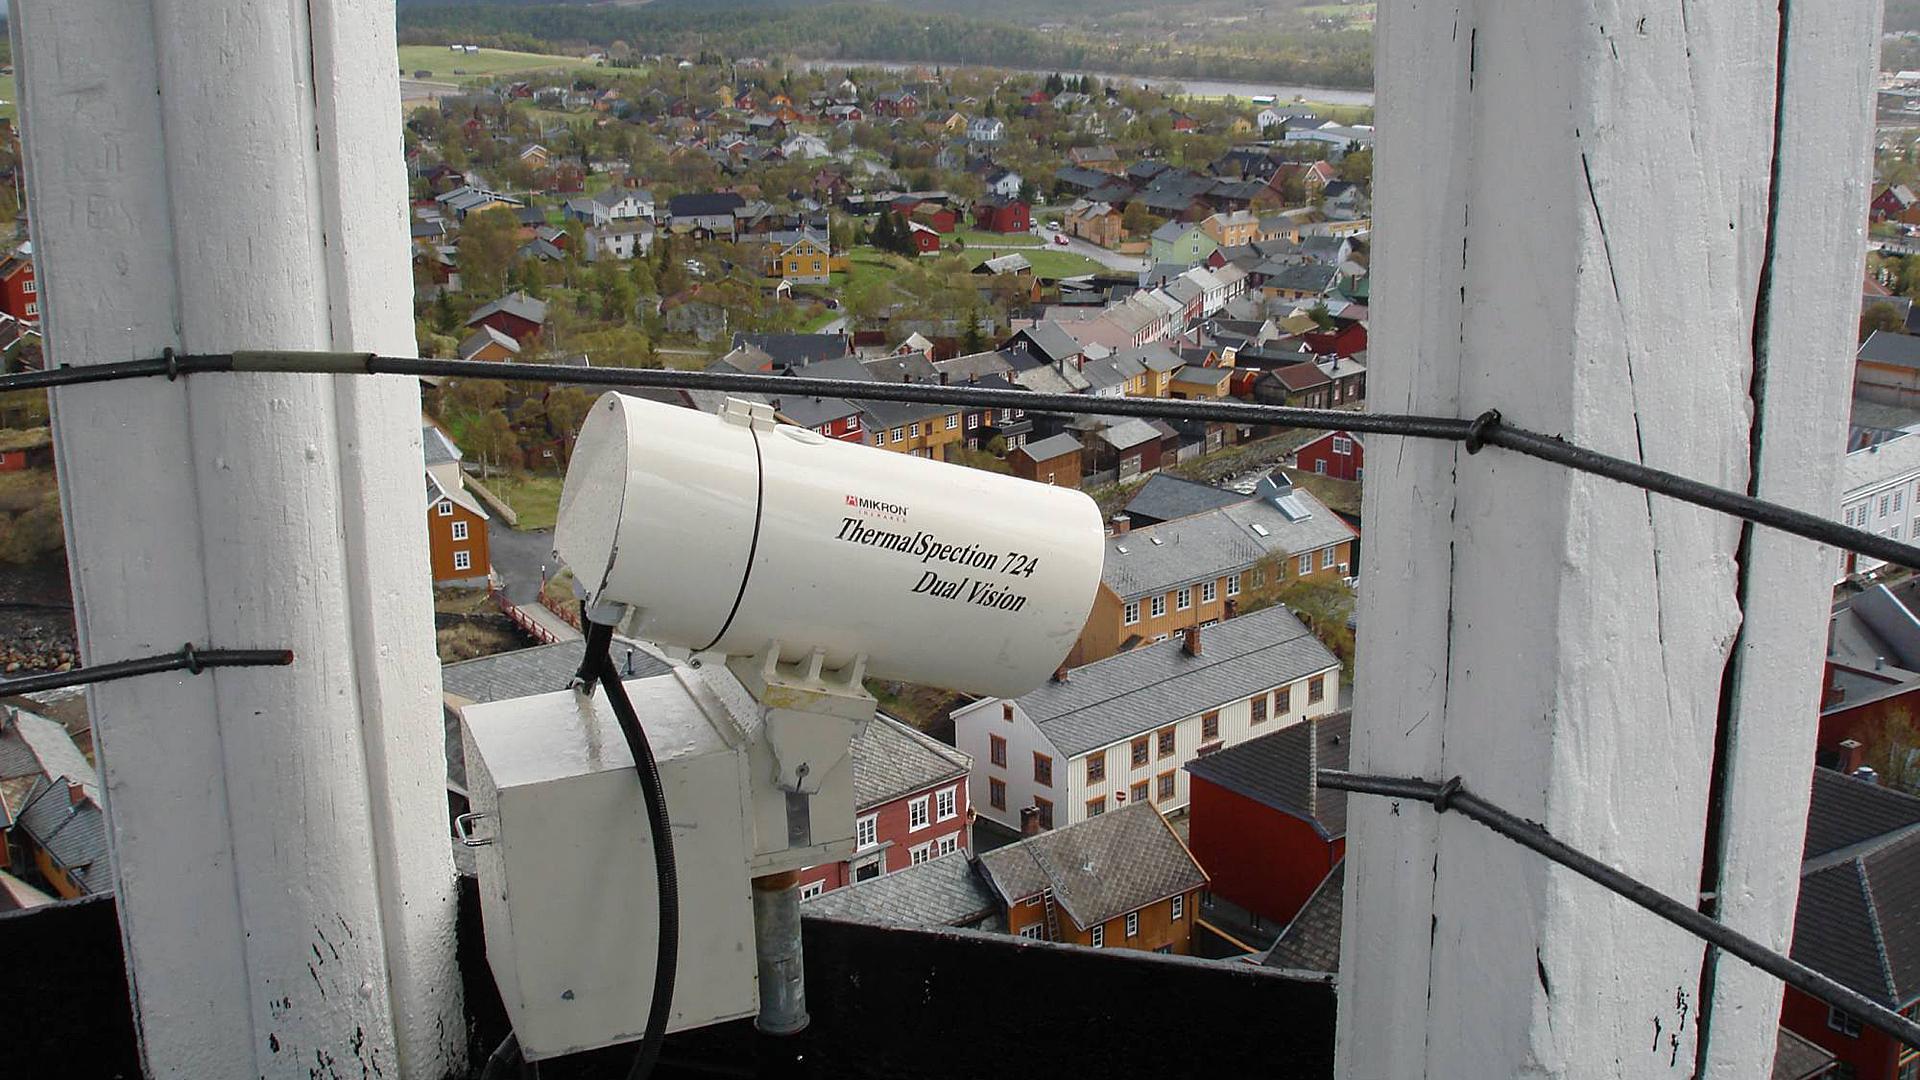 Varmedetekterende kameraer kan være en effektiv metode for å oppdage branner i tett trehusbebyggelse. Dette kameraet er montert i tårnet til Røros kirke for å overvåke Bergstaden. Foto: Einar Karlsen / Riksantikvaren